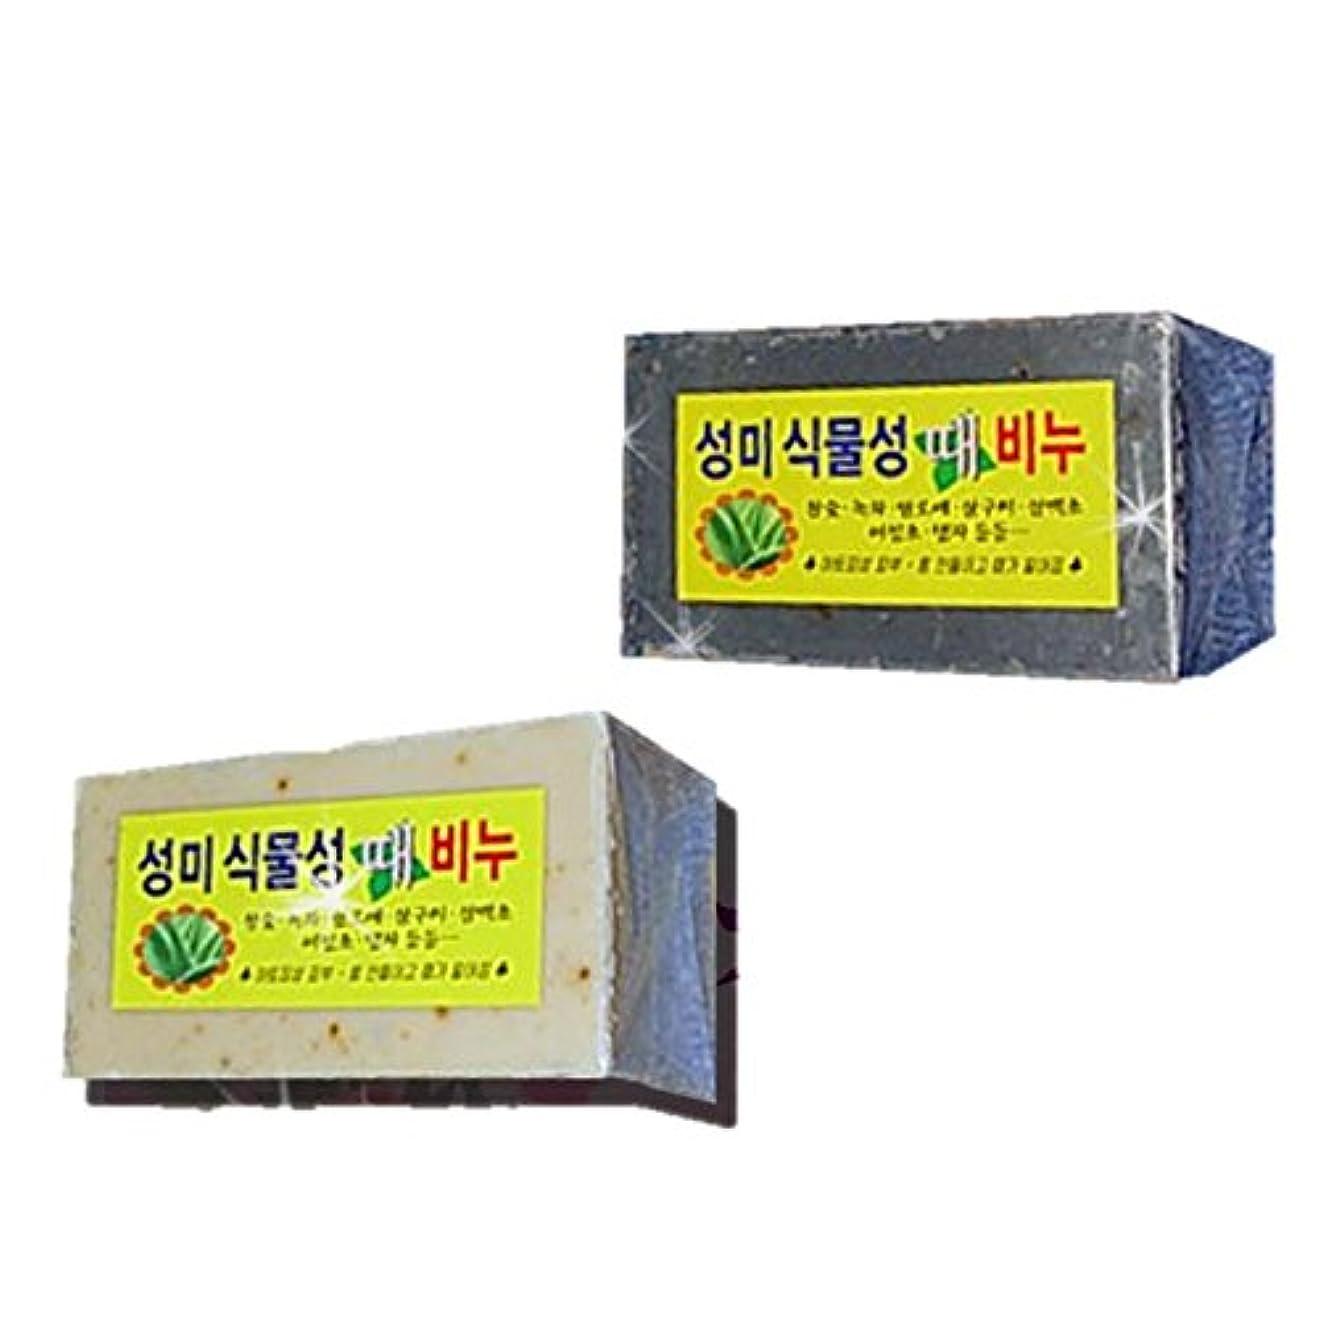 終了しました五月キャンパス(韓国ブランド) 植物性 垢すり石鹸 (あかすりソープ) (5個)